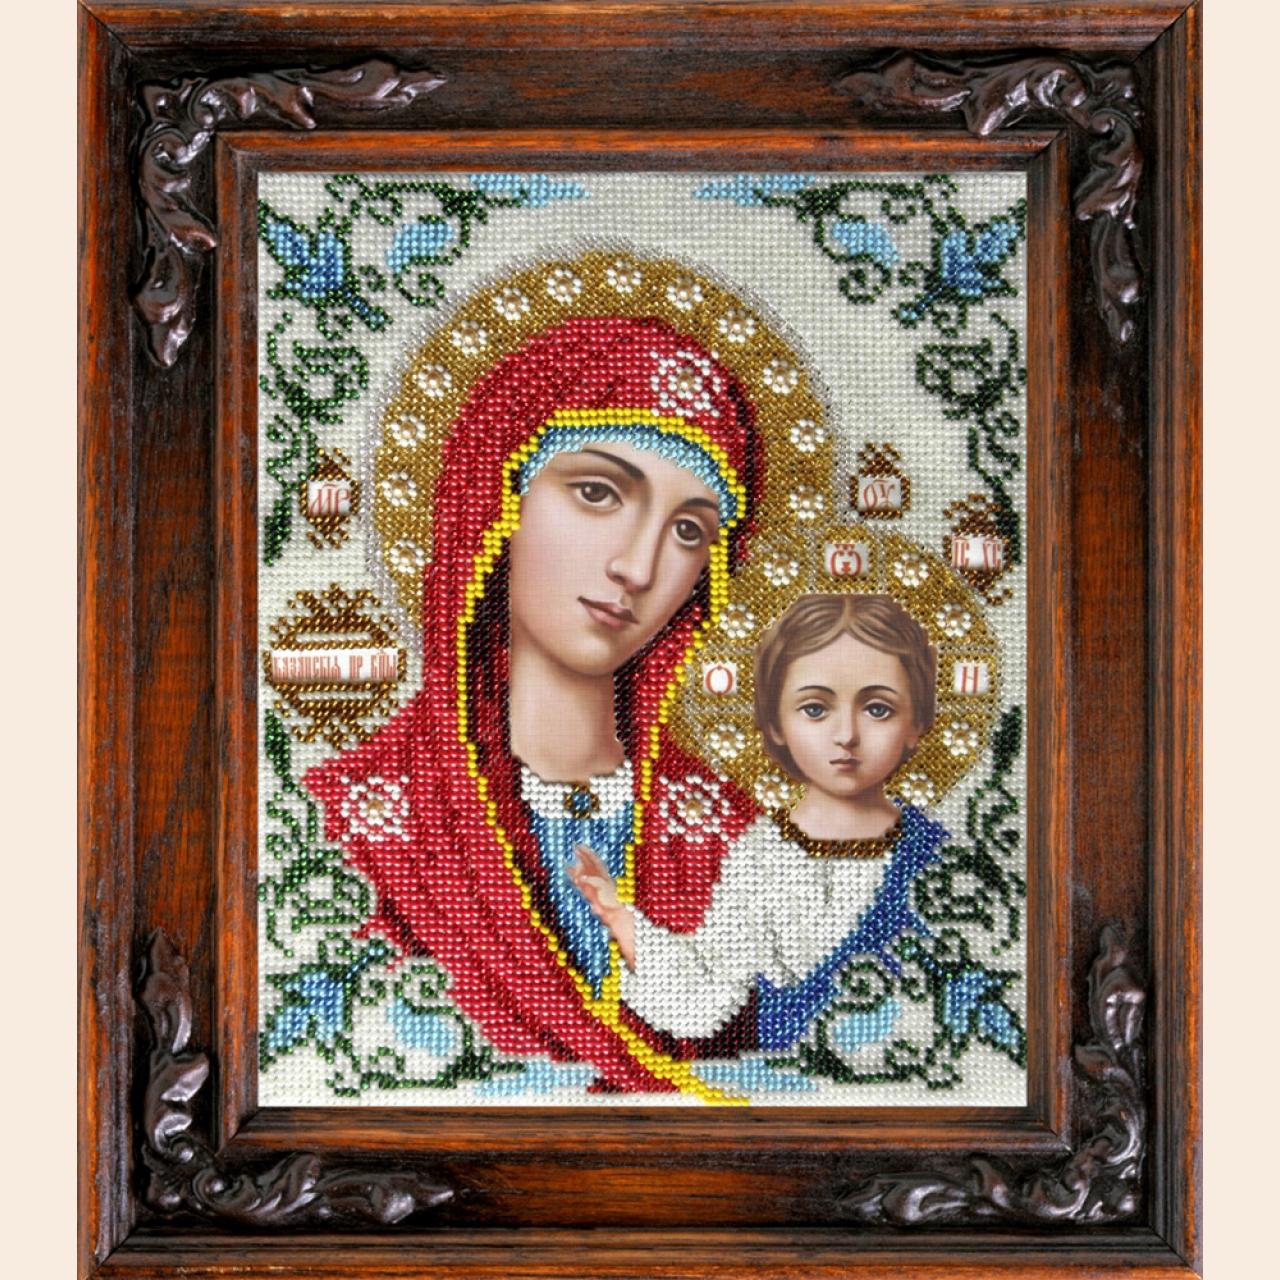 Набор для вышивания бисером ВЫШИВАЕМ БИСЕРОМ арт.L4 Казанская икона 18x22 см всего за 750.75 руб.